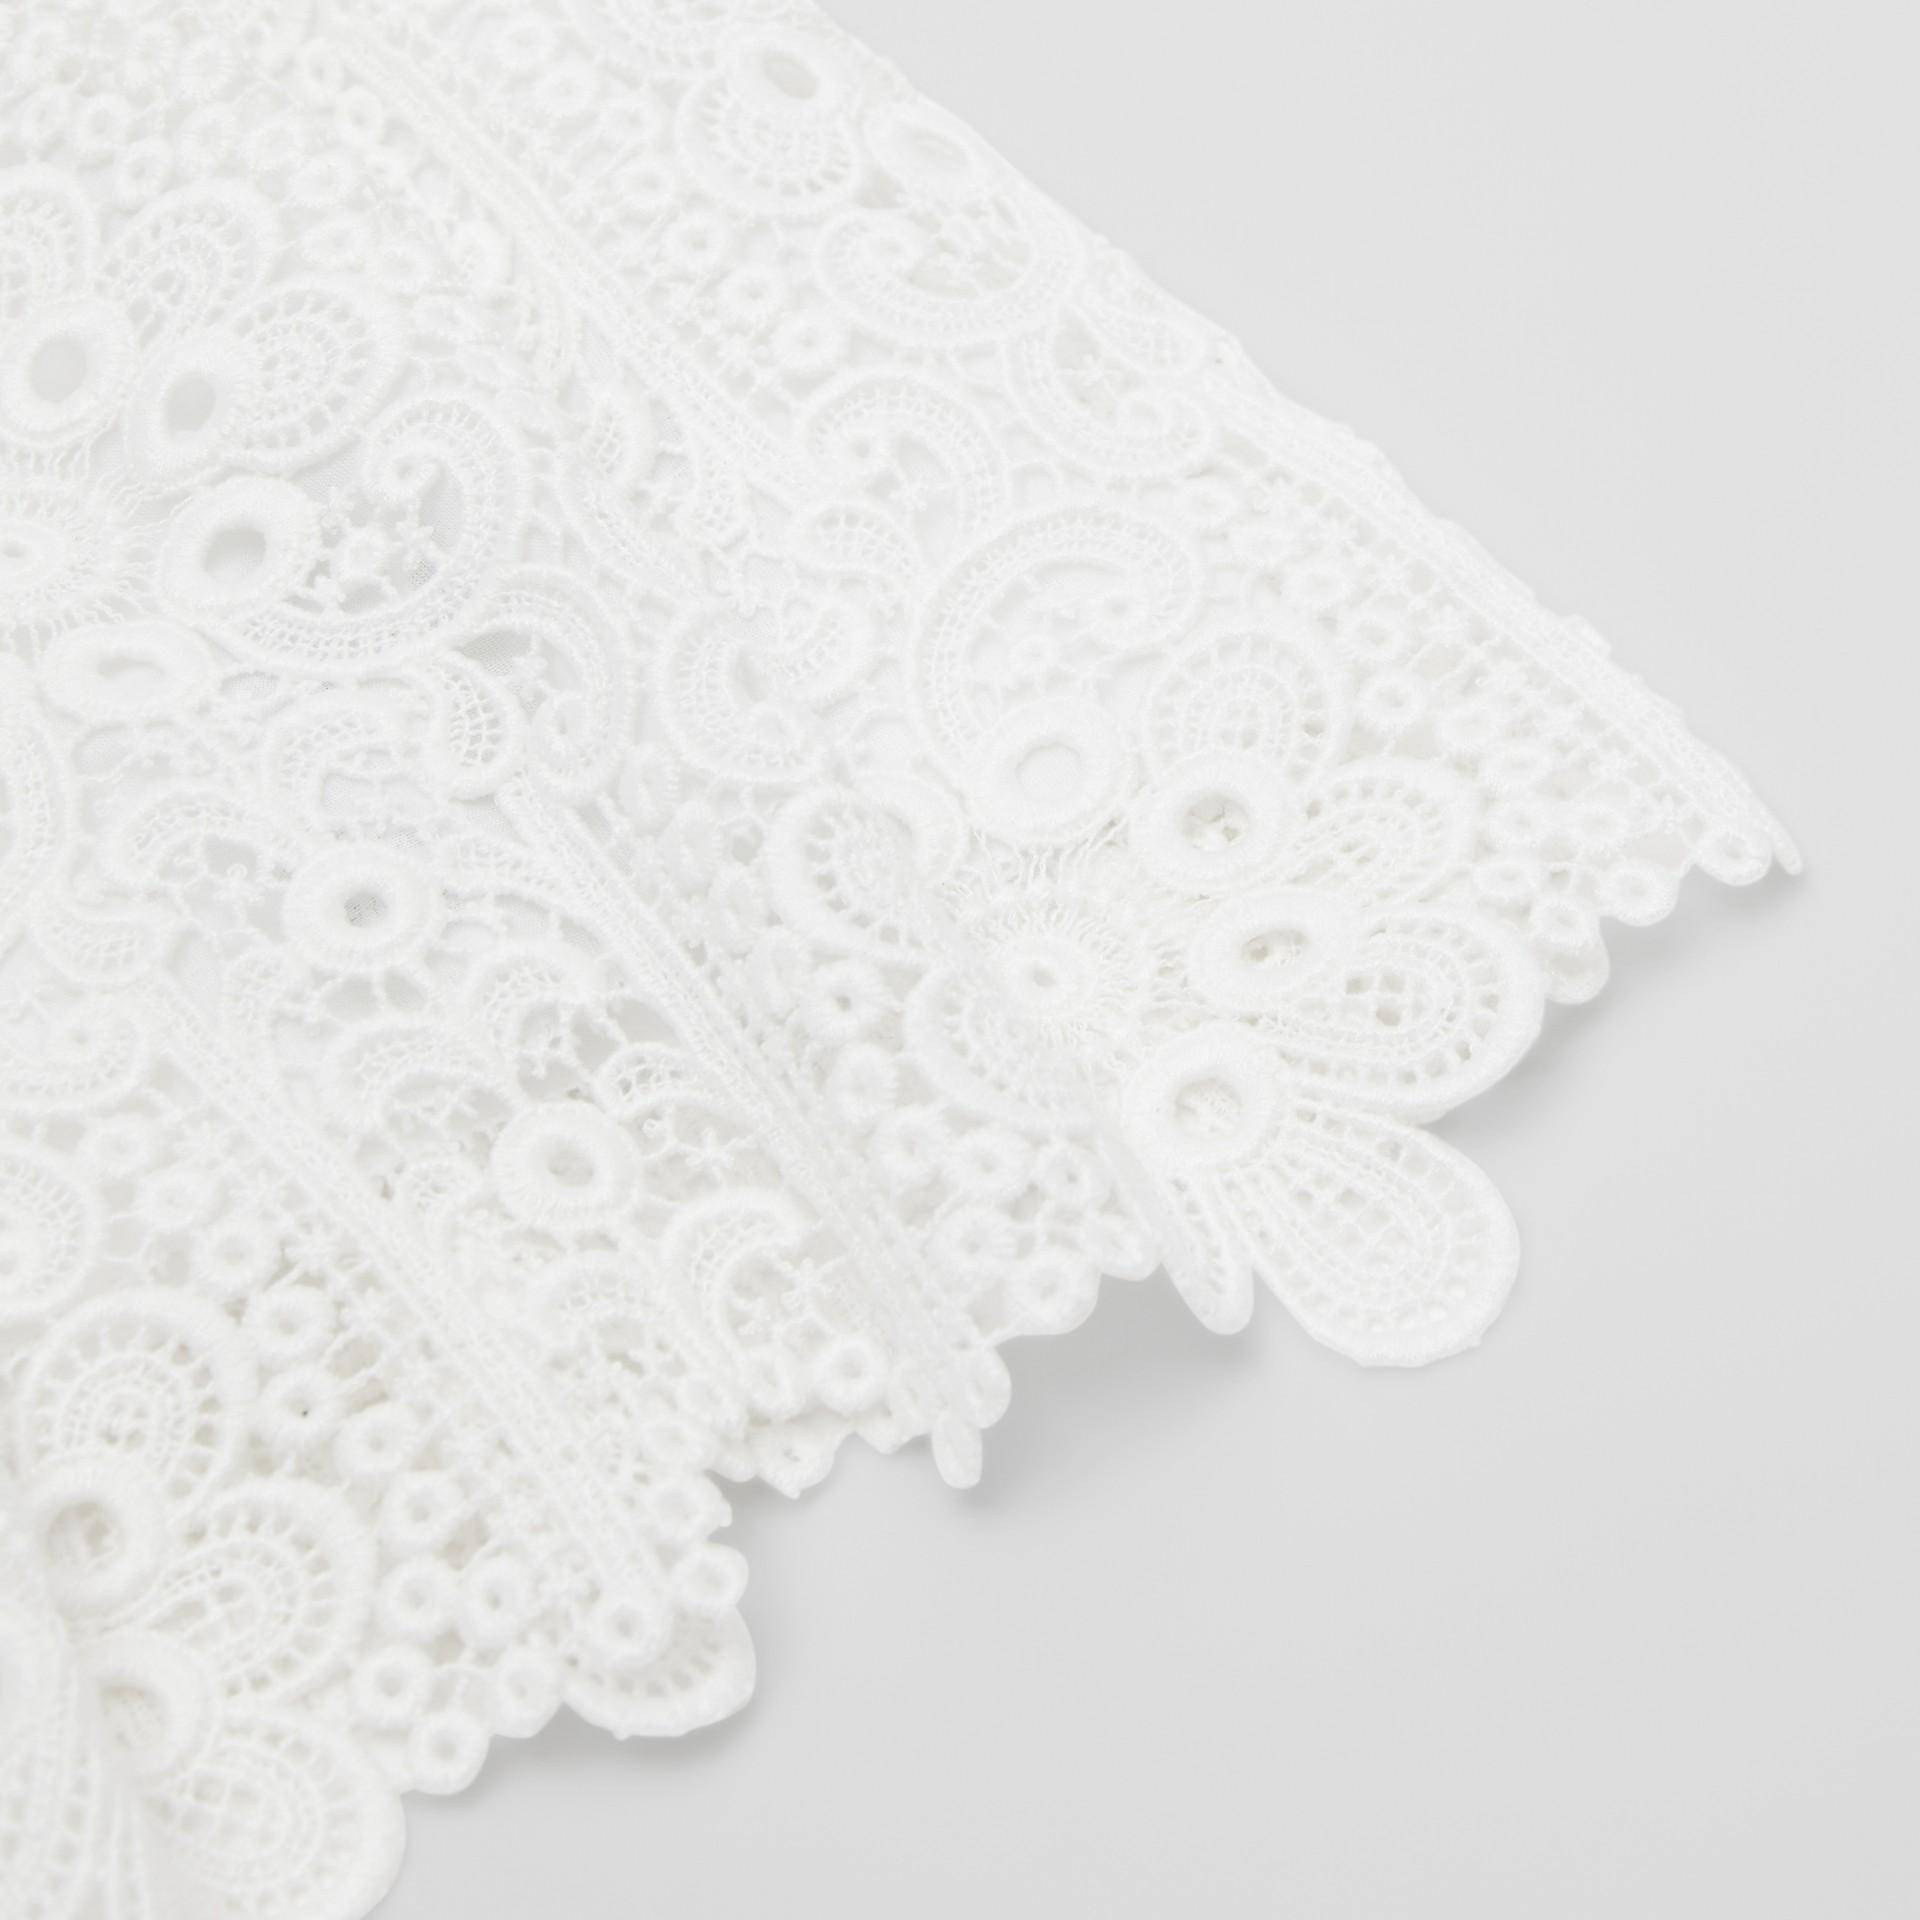 プリーツ マクラメレース スカート (ホワイト) | バーバリー - ギャラリーイメージ 1